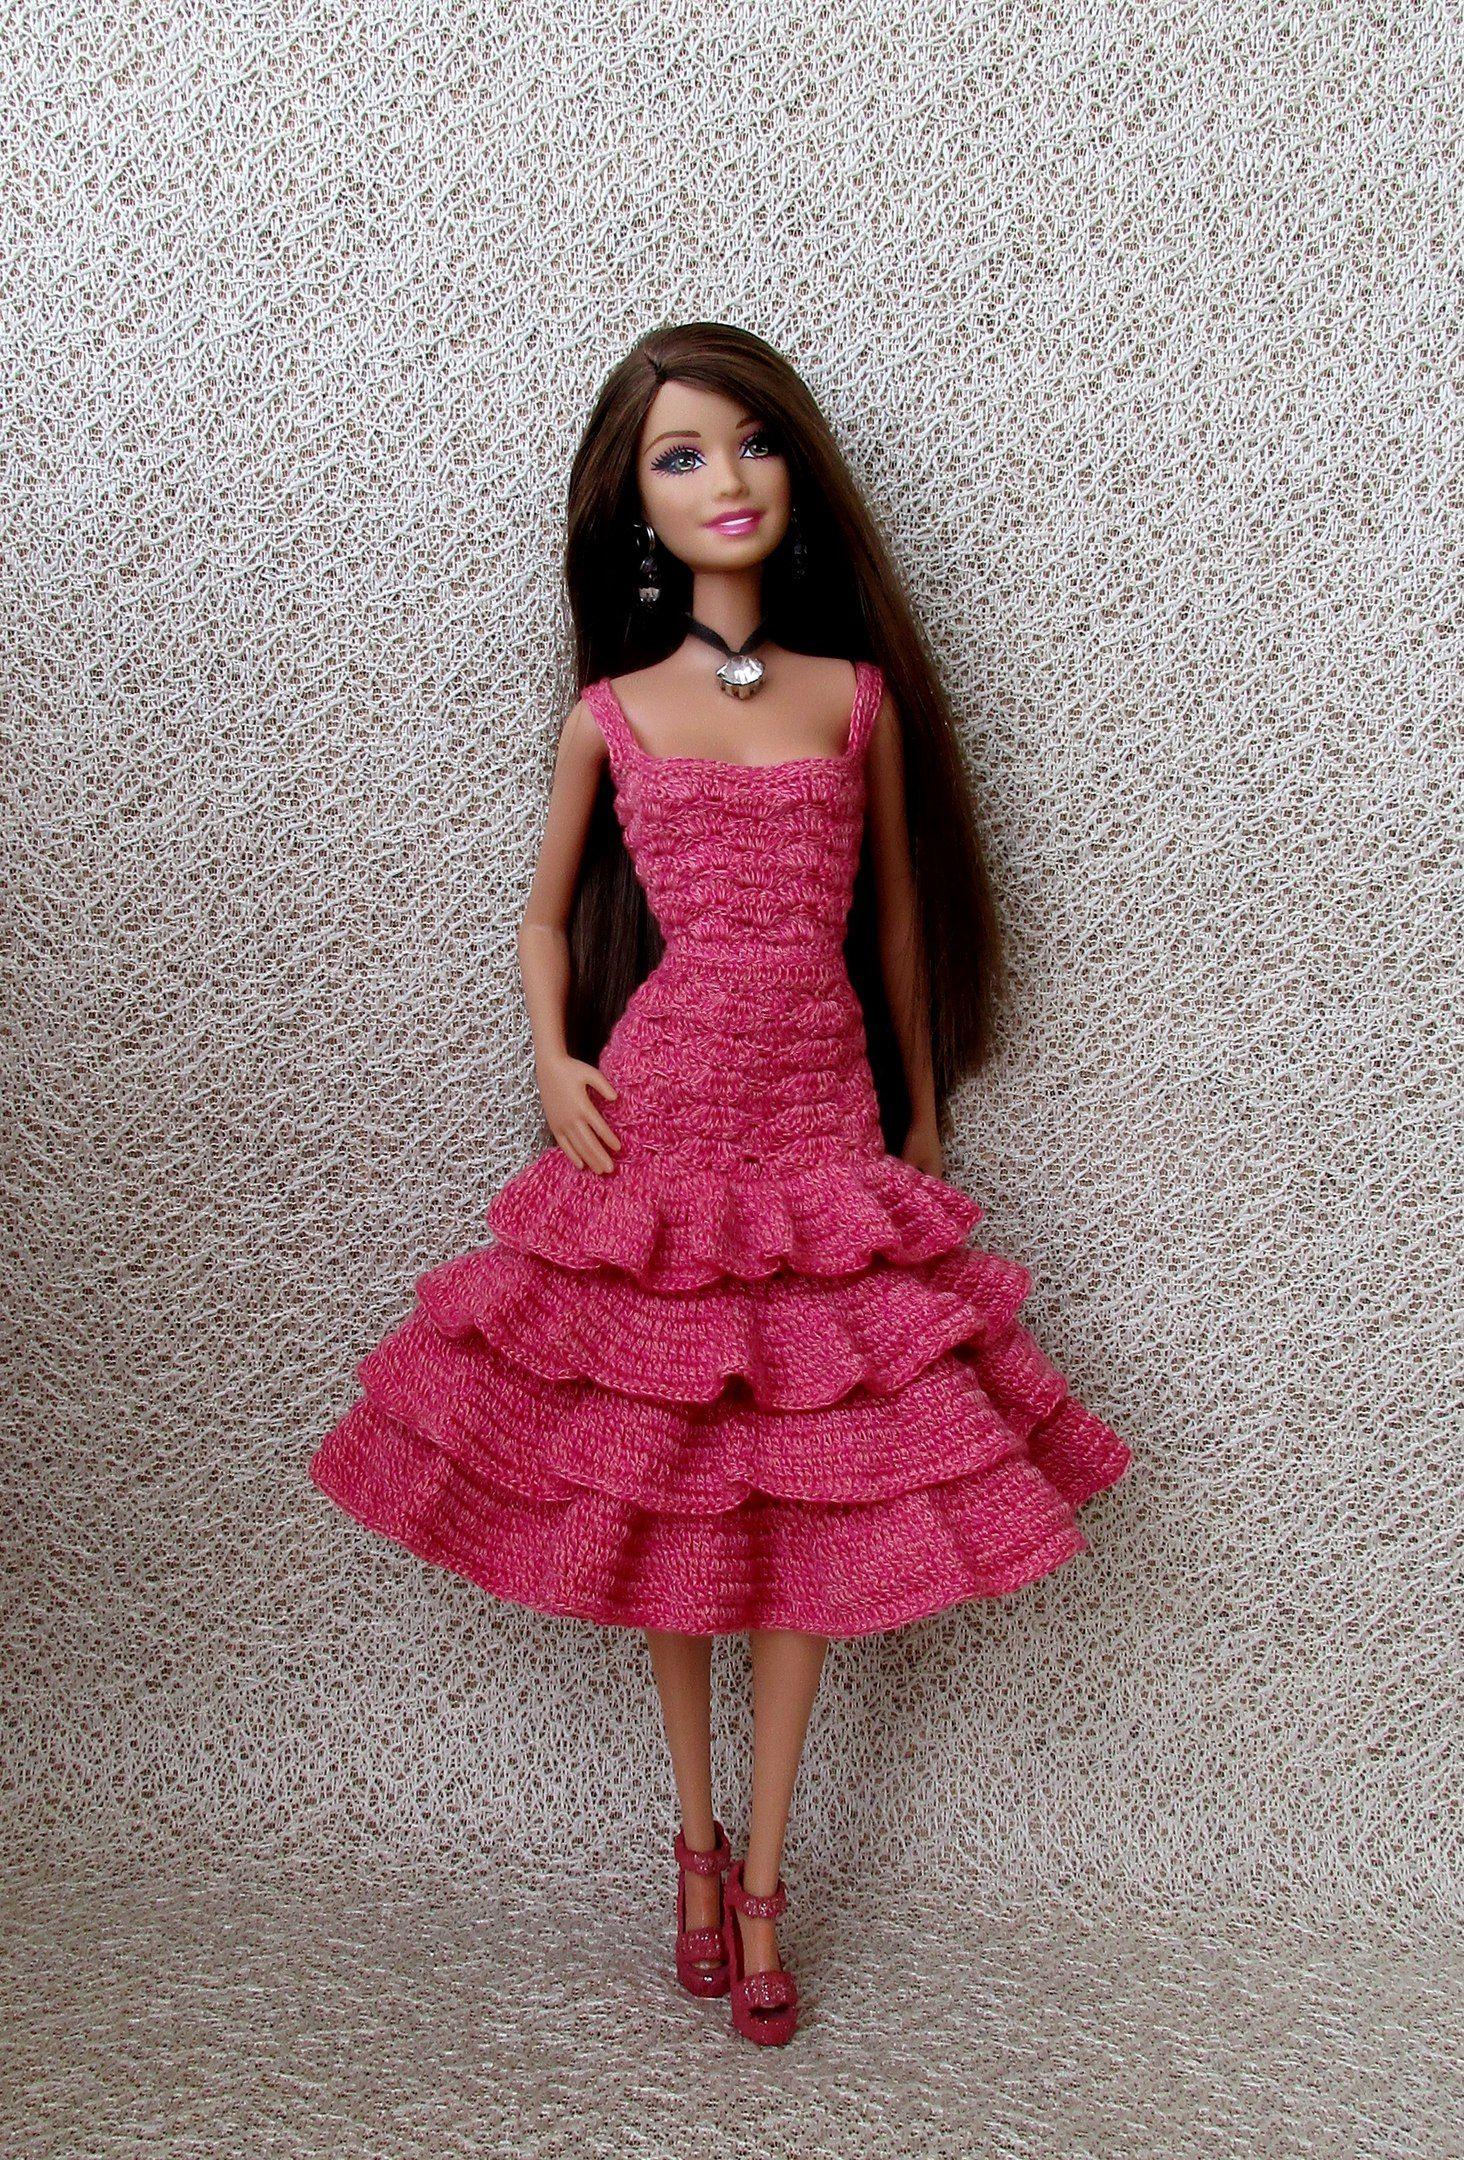 Наряды для Барби. Рукоделие. | Barbie , Atzimba Shani | Pinterest ...